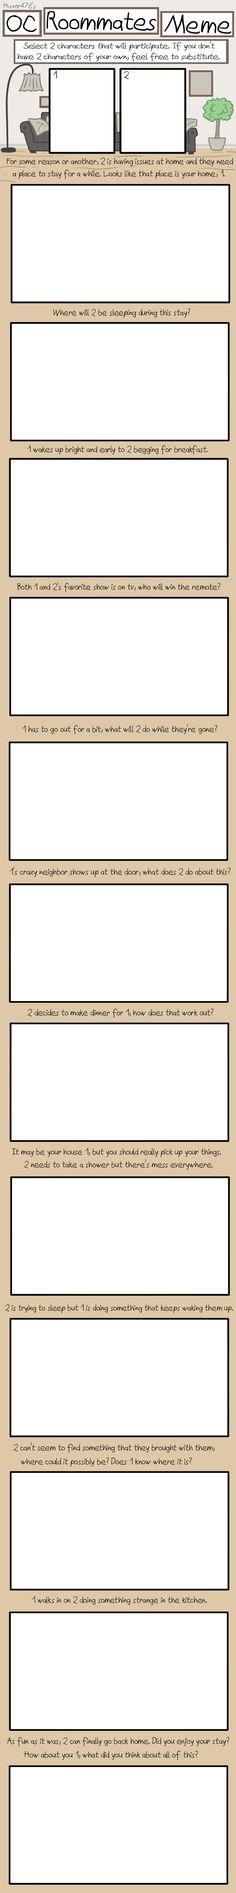 OC Roommates: Blank Meme by haxor478